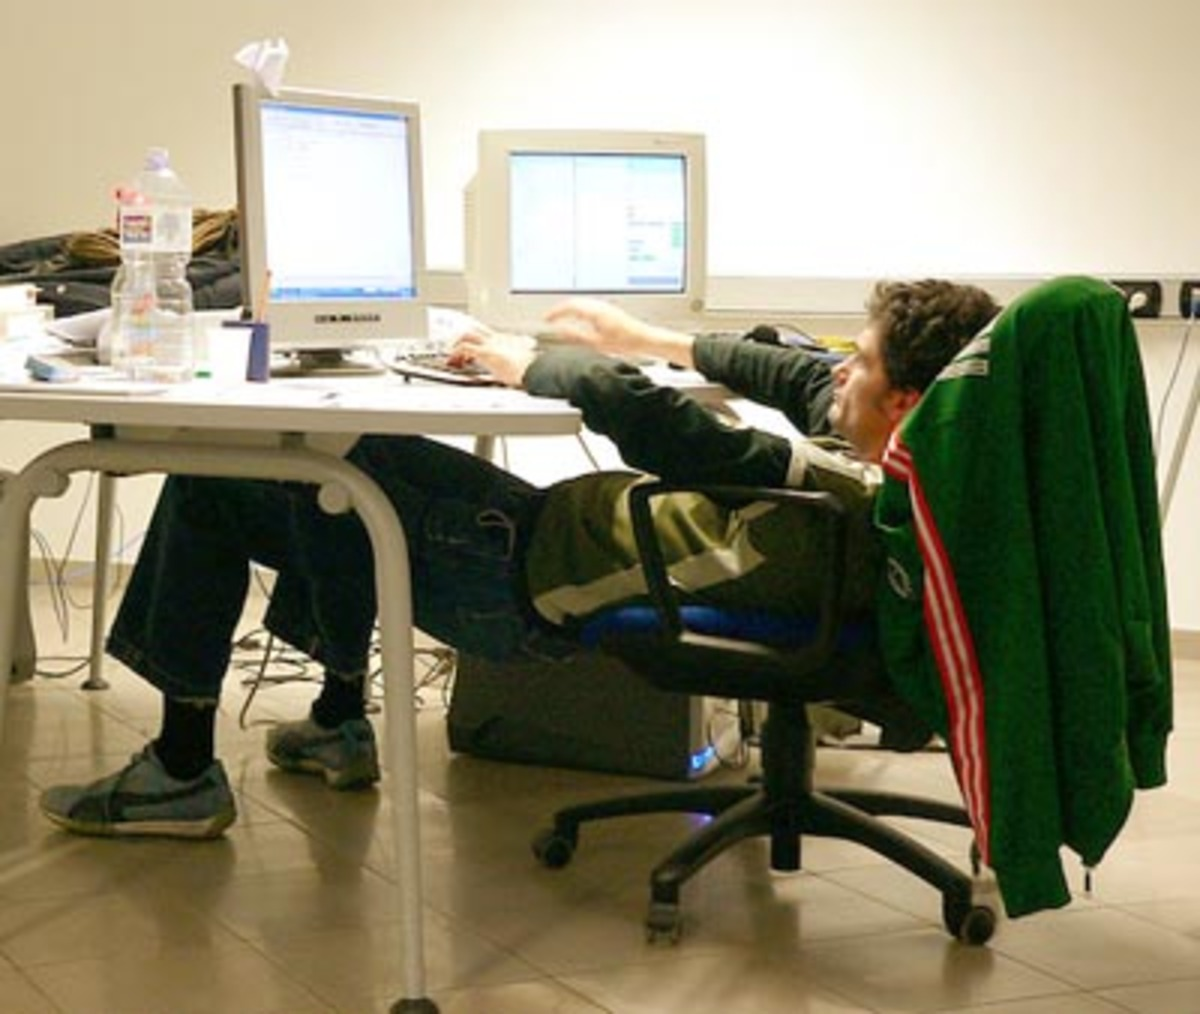 Η καθιστική δουλειά…σκοτώνει! | Newsit.gr